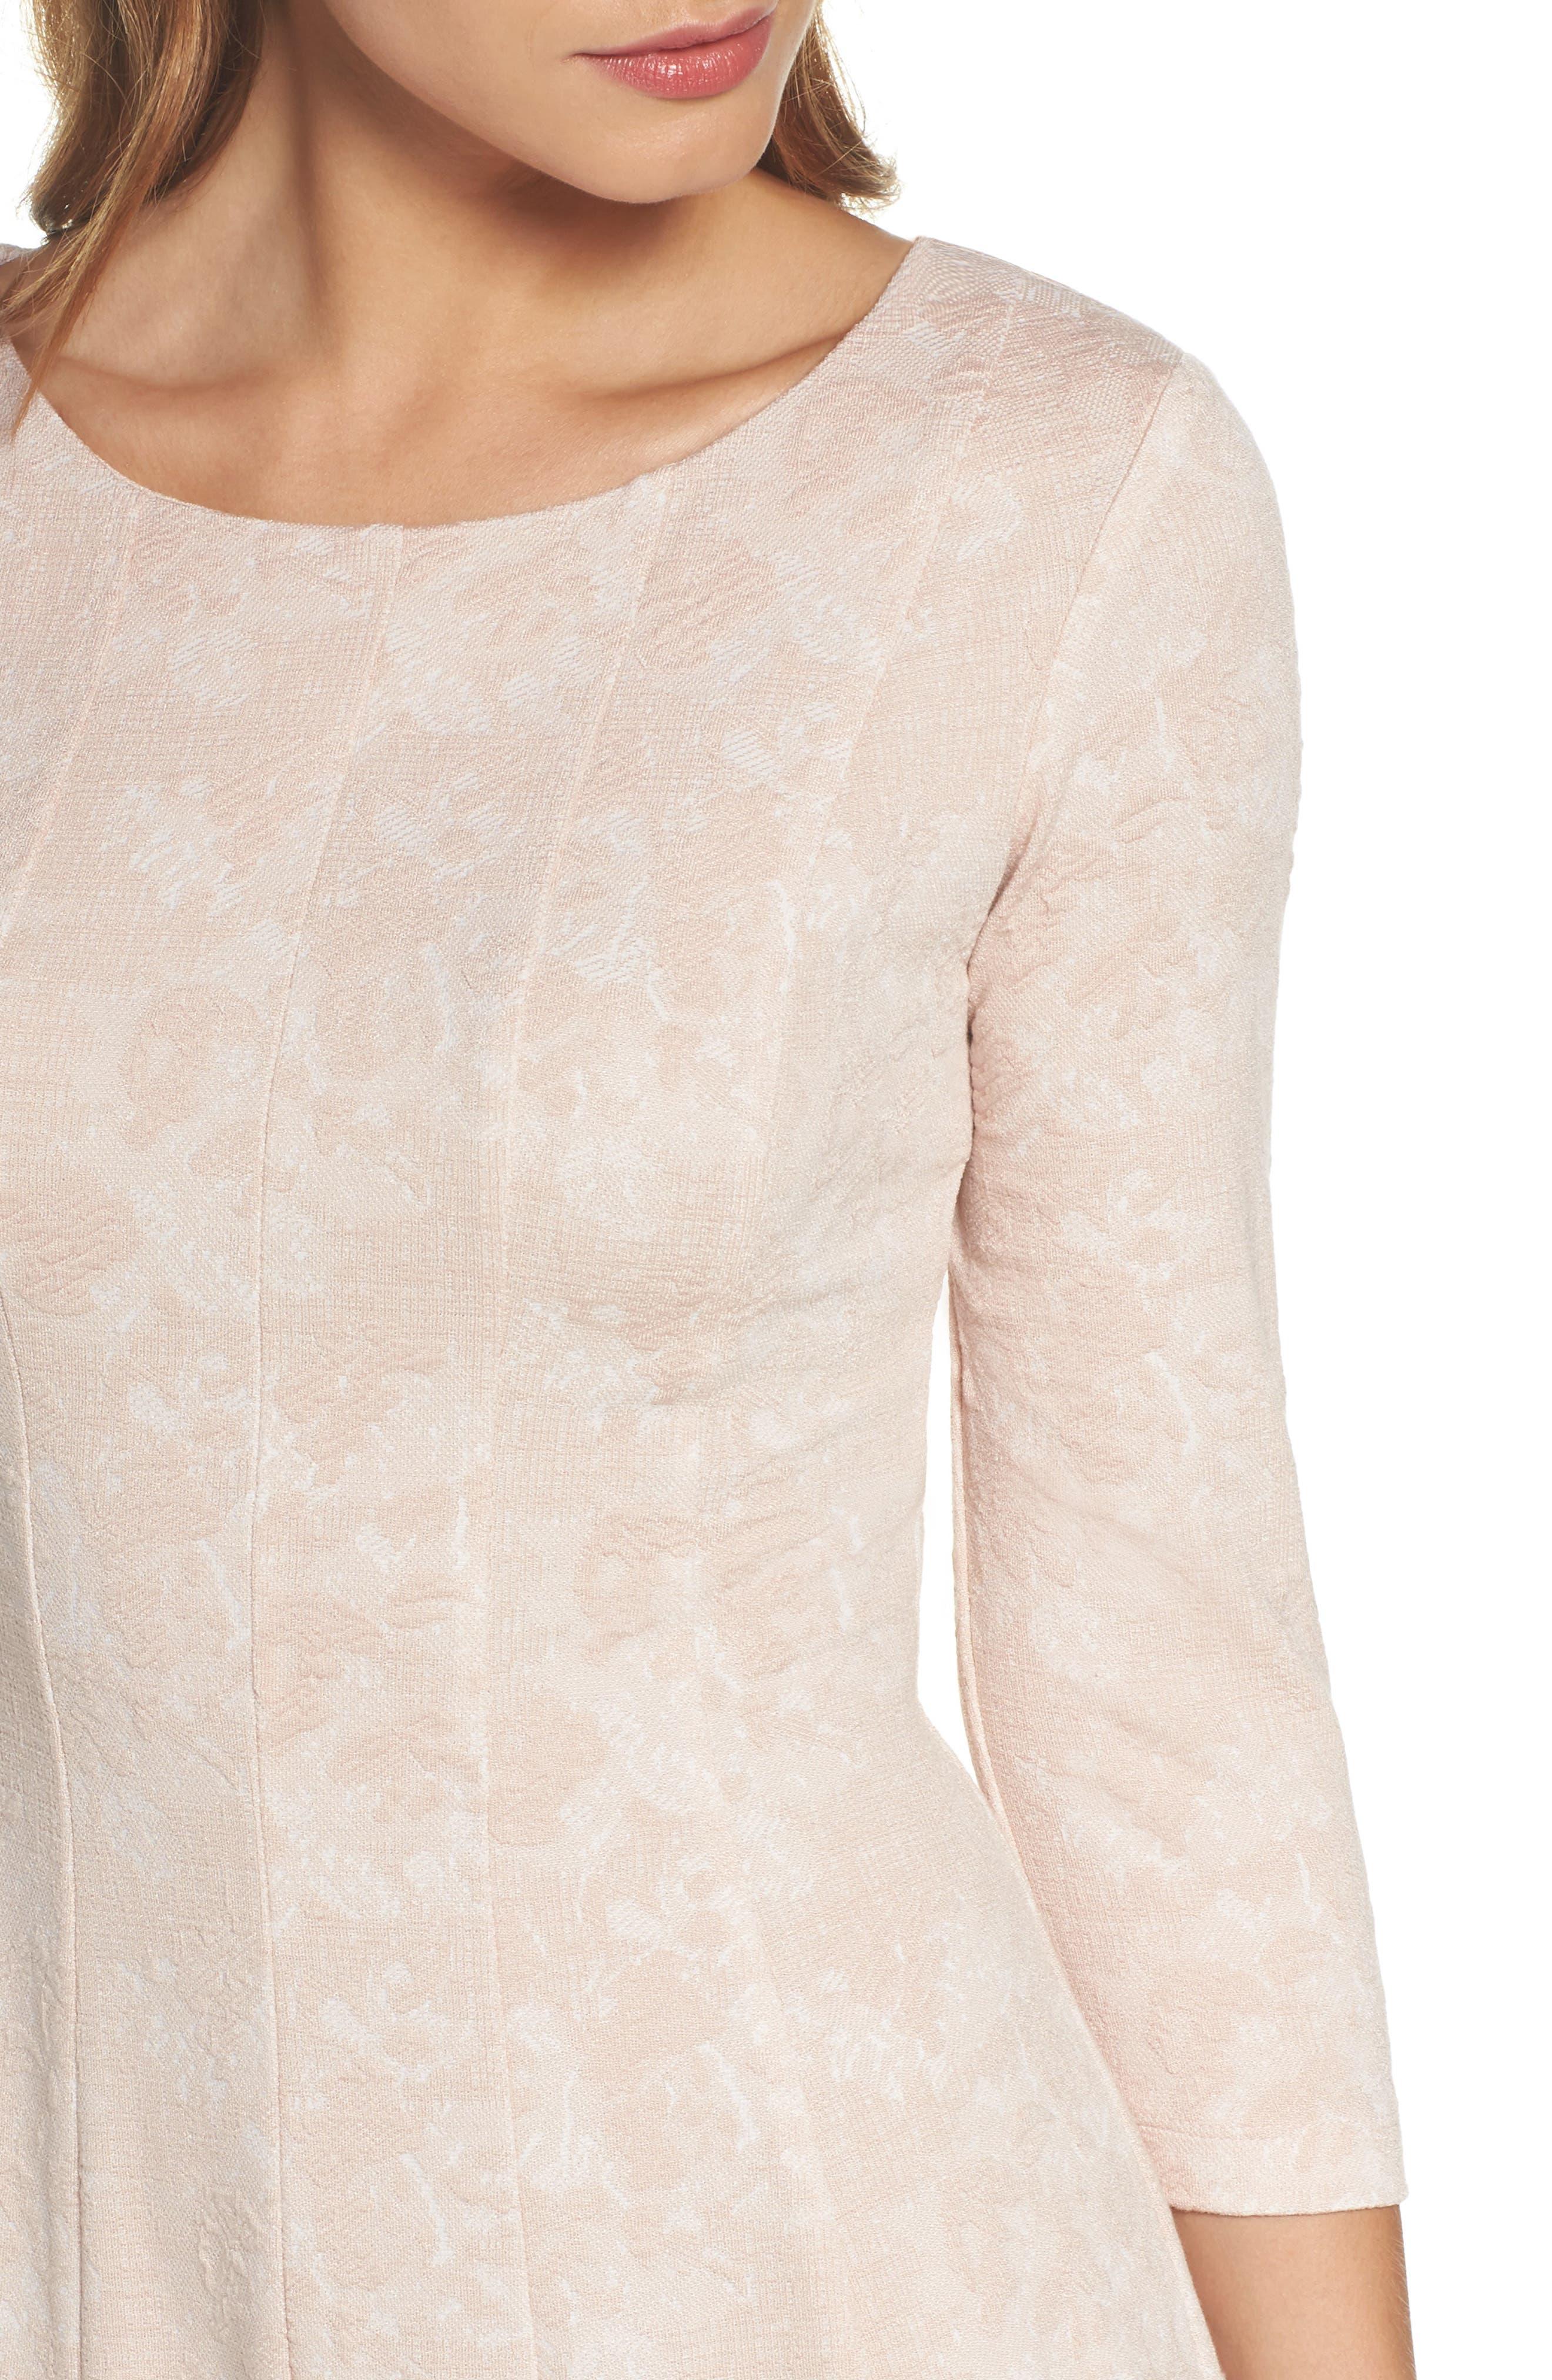 Jacquard Knit Fit & Flare Dress,                             Alternate thumbnail 4, color,                             Blush